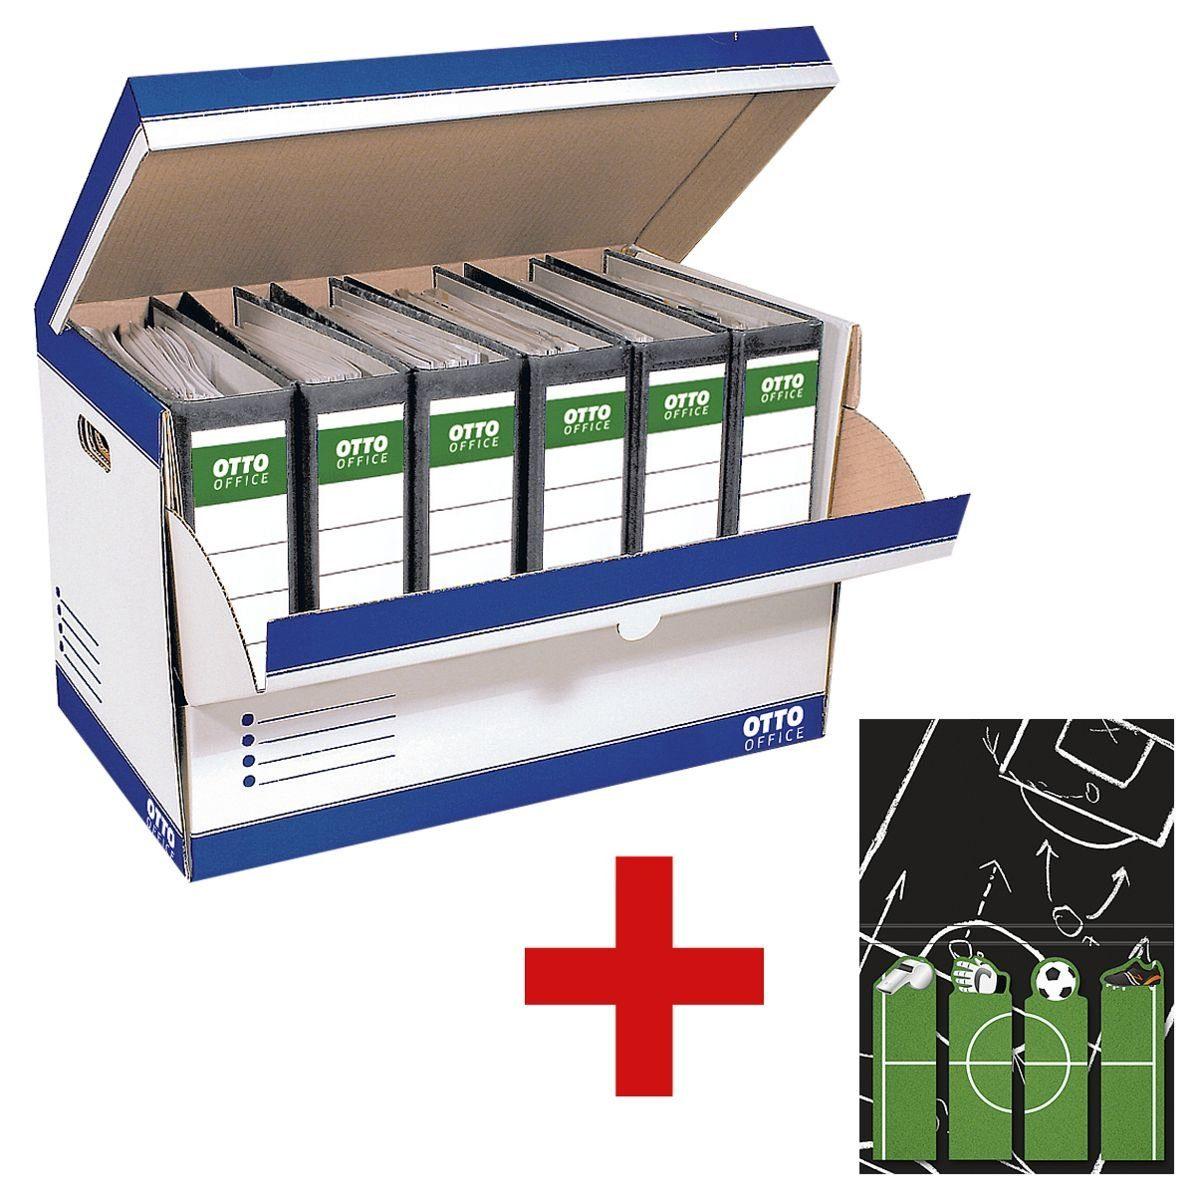 OTTOOFFICE STANDARD Ordner-Container inkl. Markierstreifen 1 Set